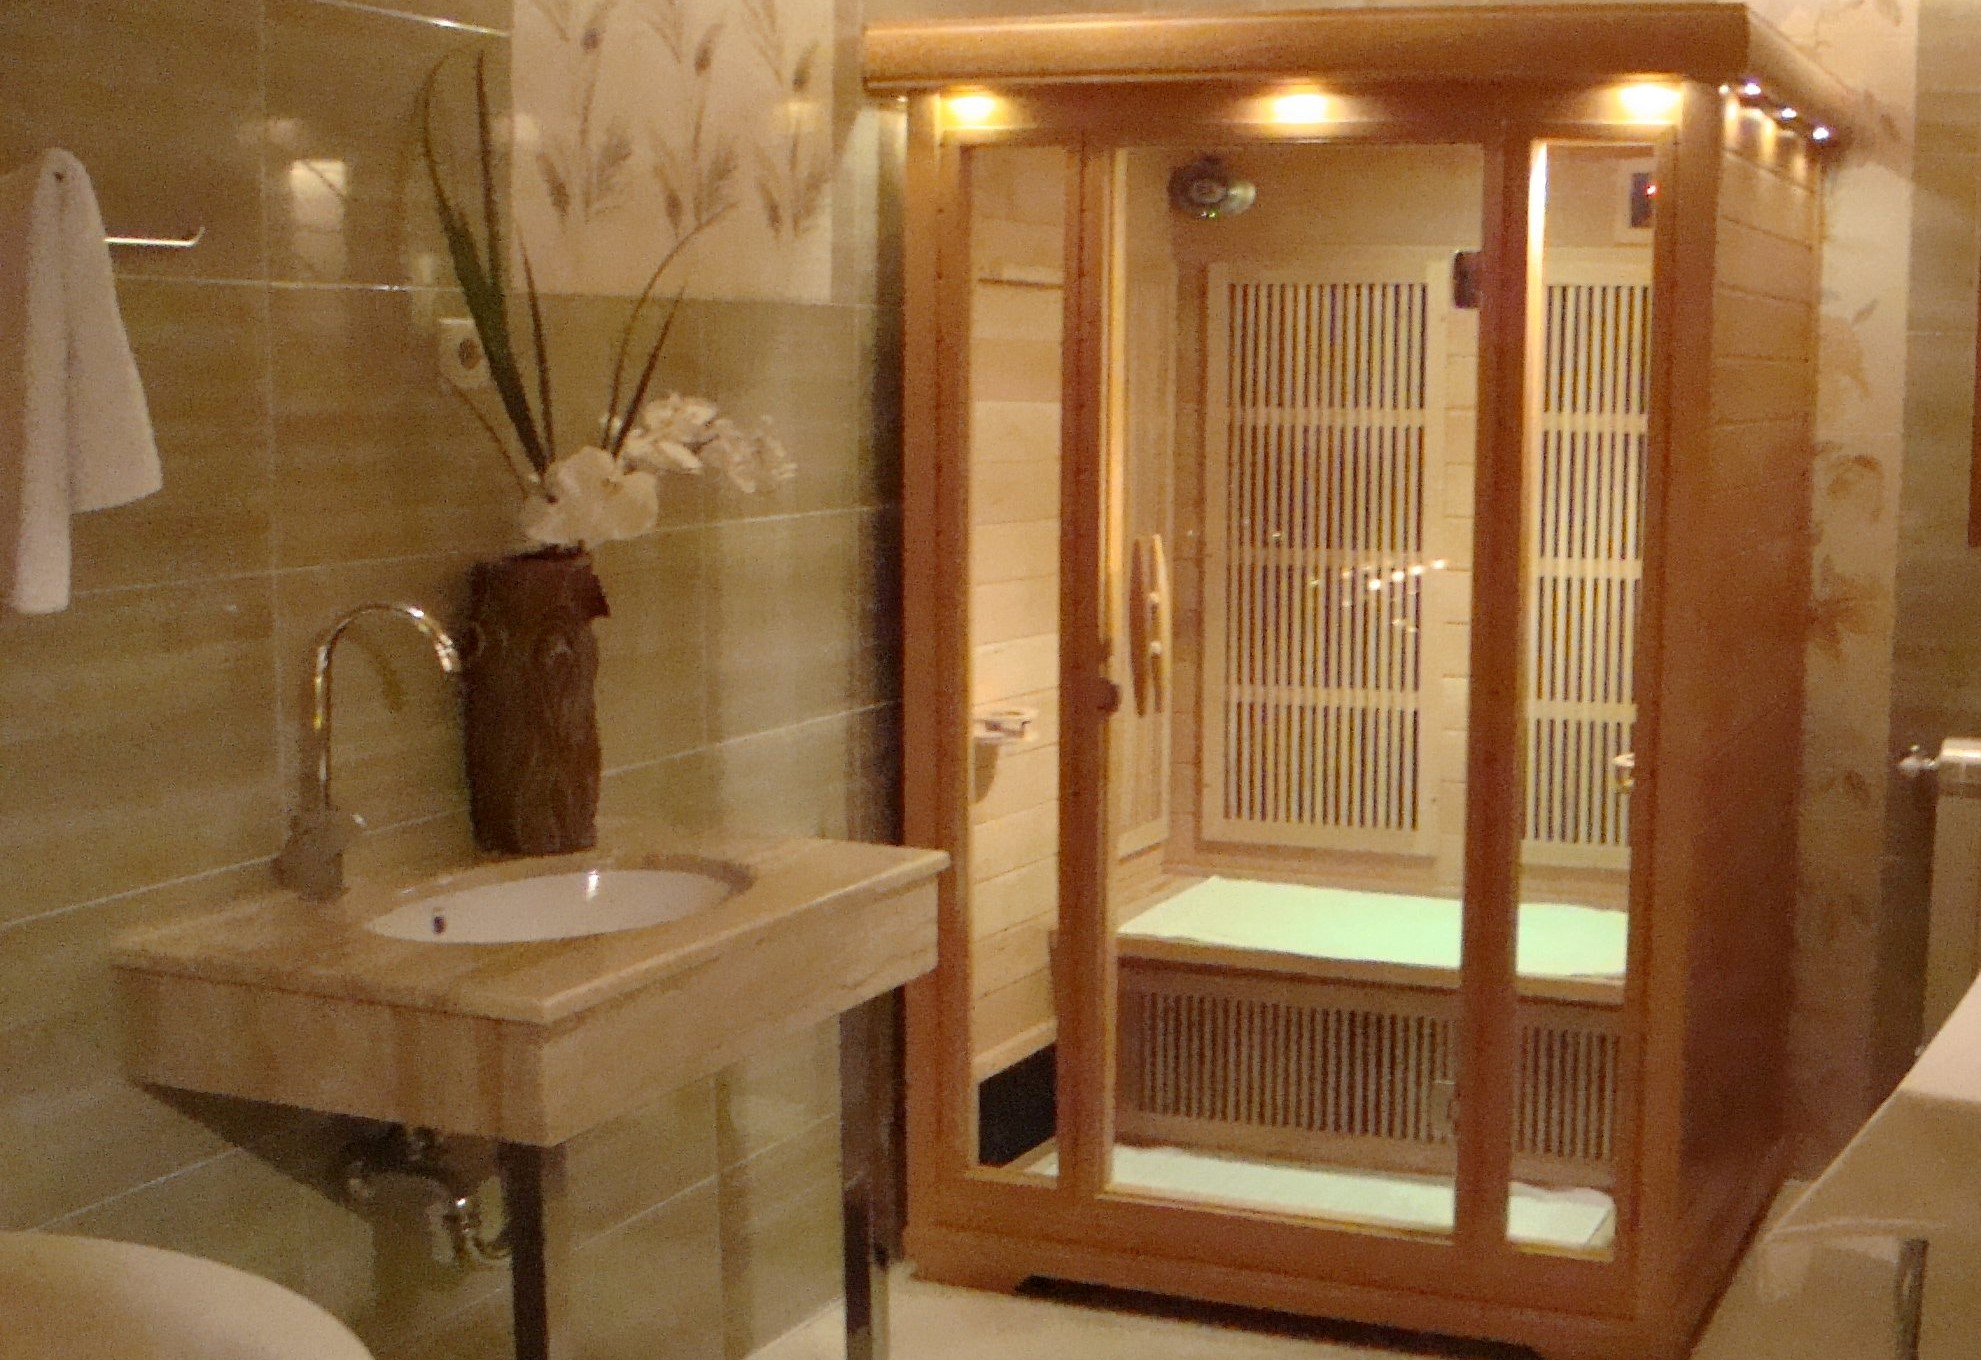 Hotel Sonata Samokov | Уютен семеен хотел в Самоков, в близост до Боровец и Национален Парк Рила | Уют и комфорт с традиции от 2001 | Ски | Почивка | Планина | Преходи | Еко Пътеки